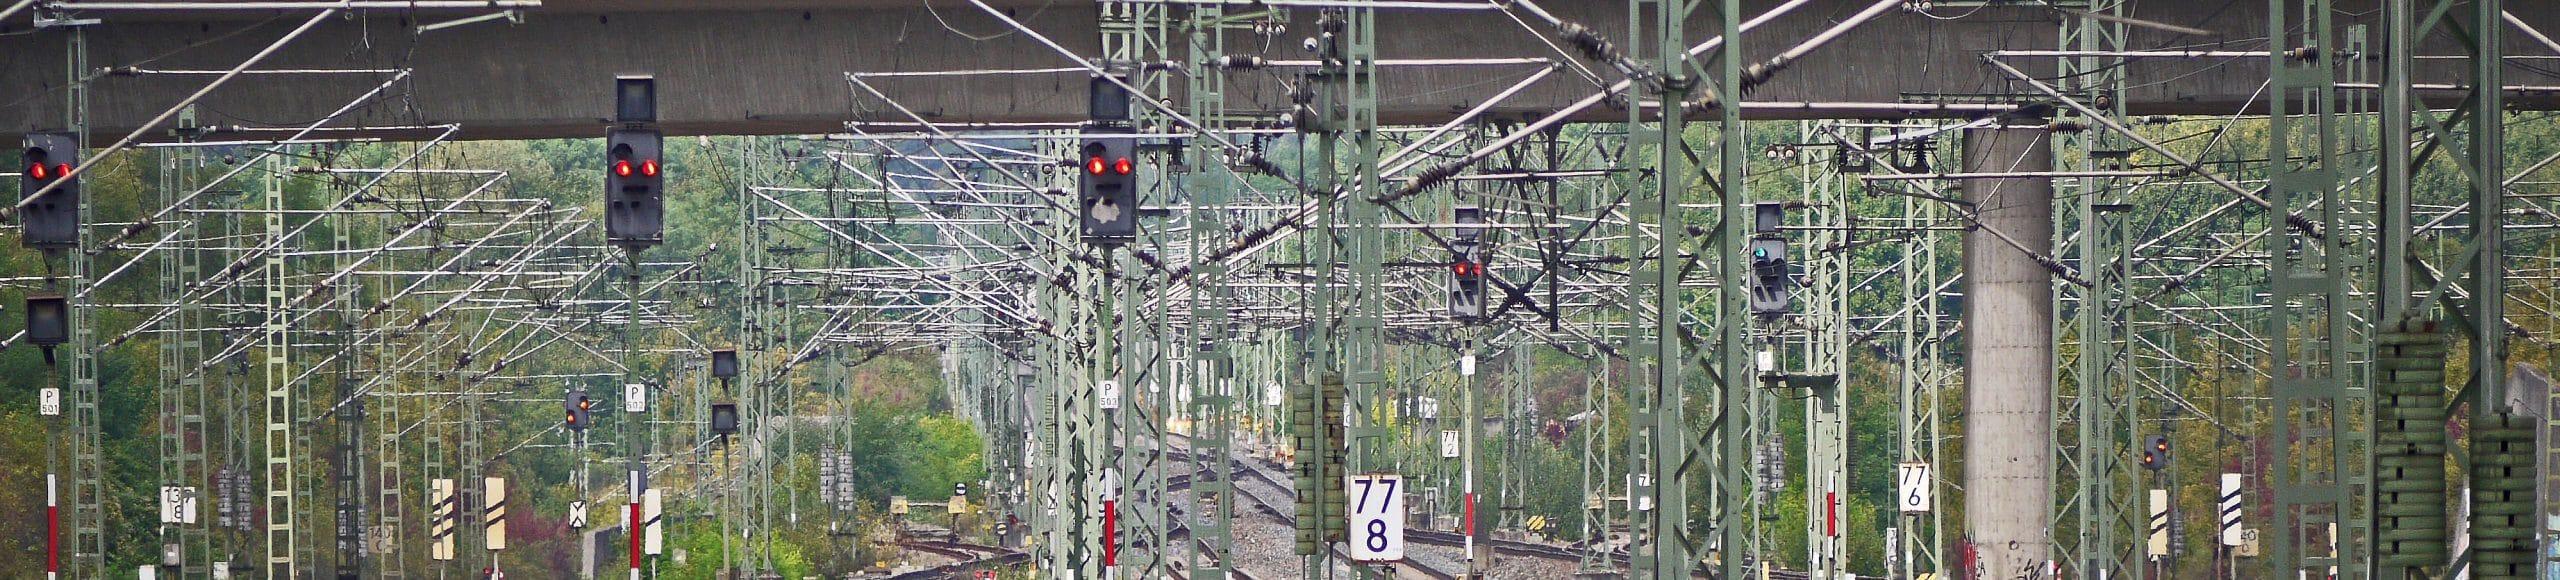 Verkehr Elektrifizierung Zug